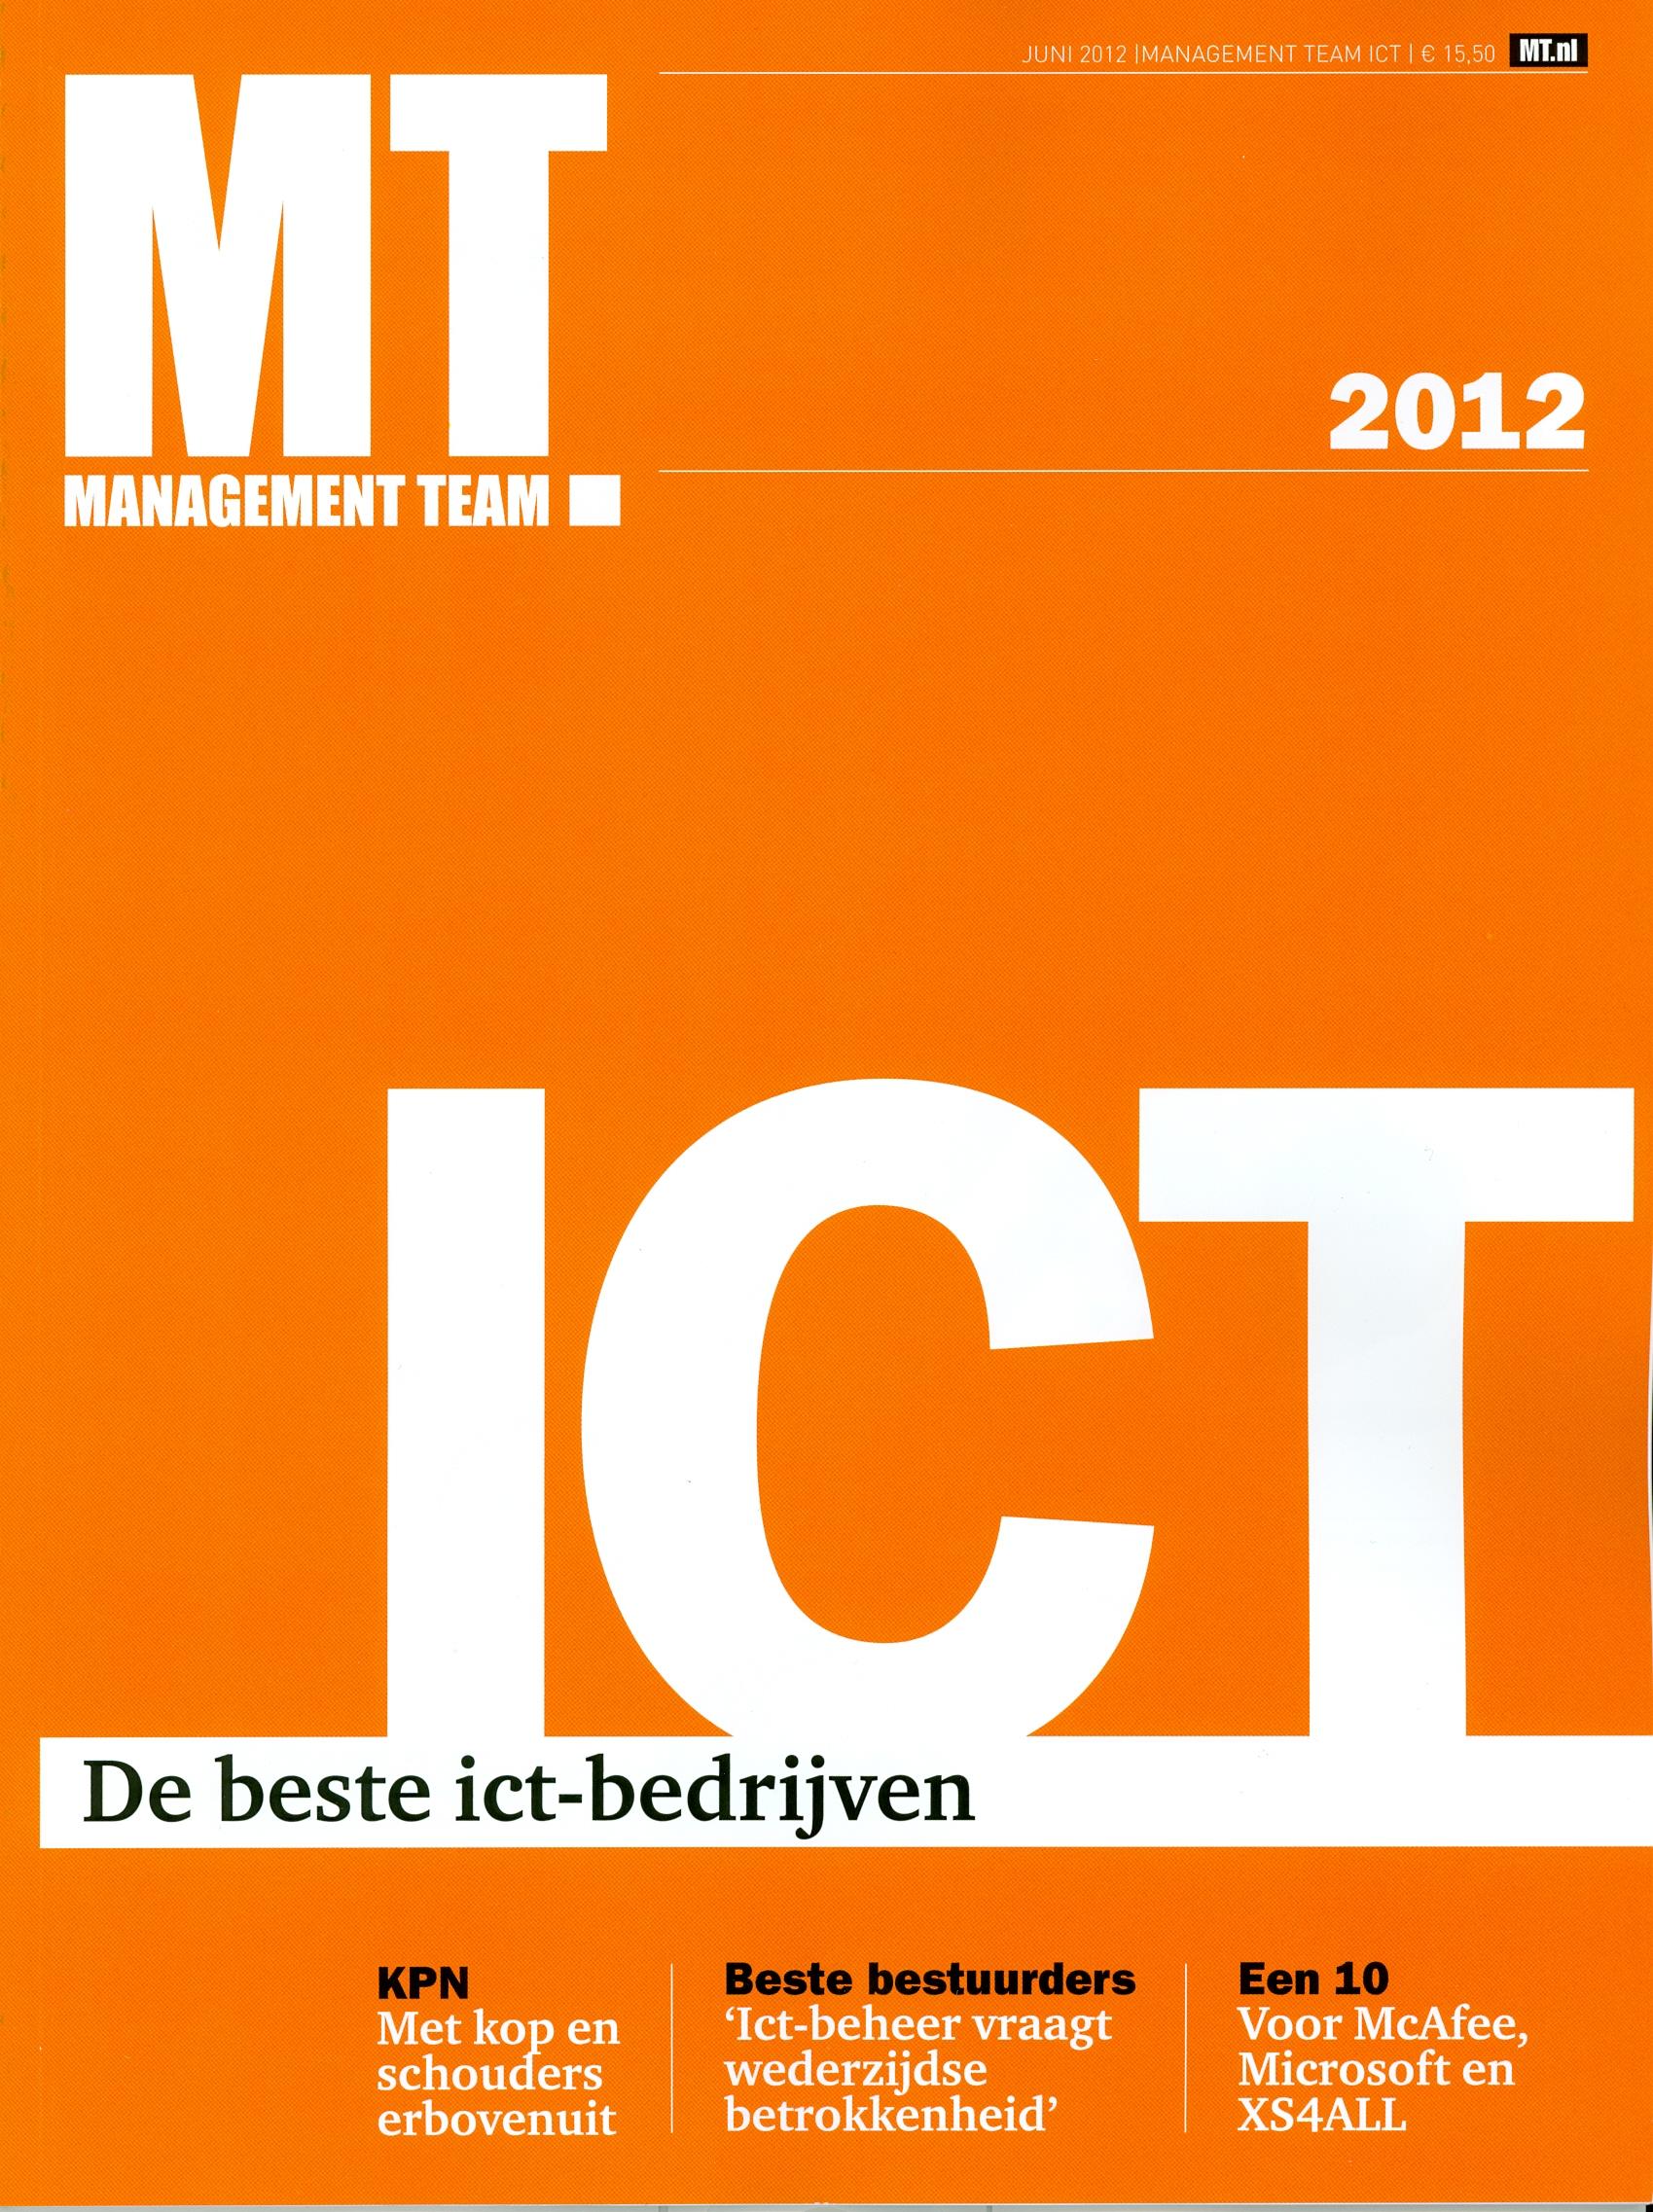 MT ICT Gids – 2012